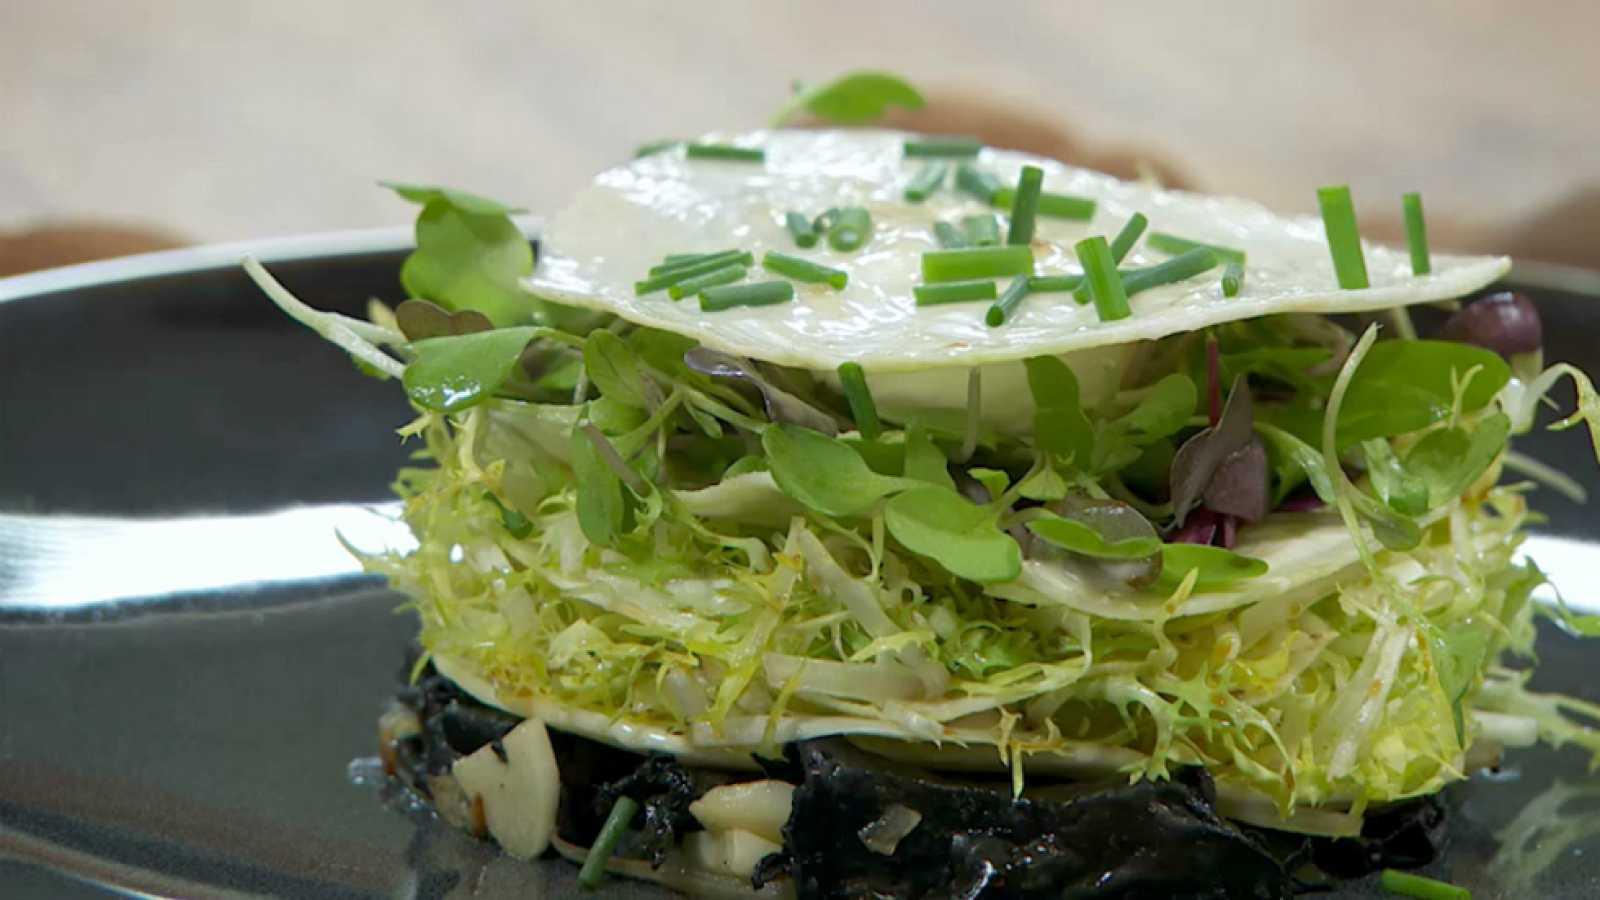 Torres en la cocina - Ensalada con apionabo encurtido y huevo de codorniz